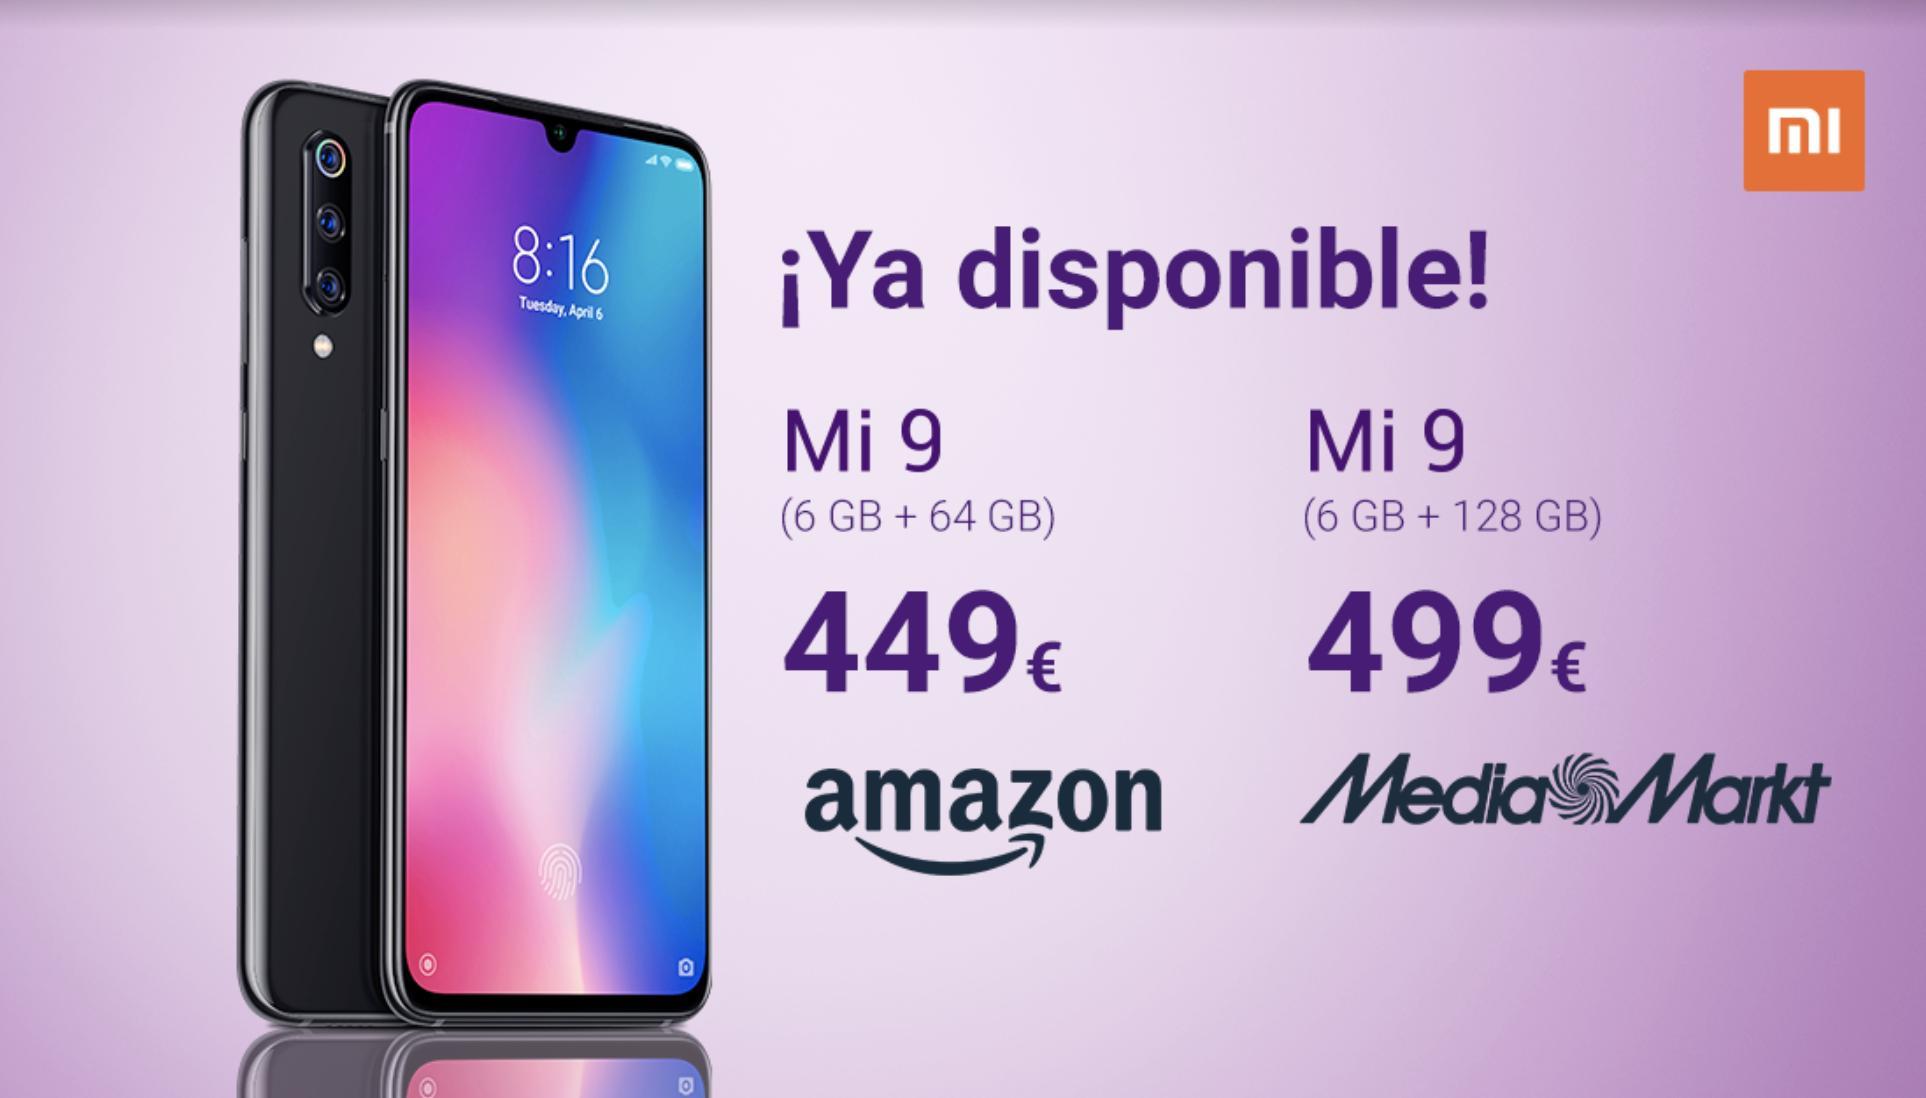 Comprar Xiaomi Mi 9 GLOBAL mi.com amazon mediamarkt noticias xiaomi adictos xiaomiadictos